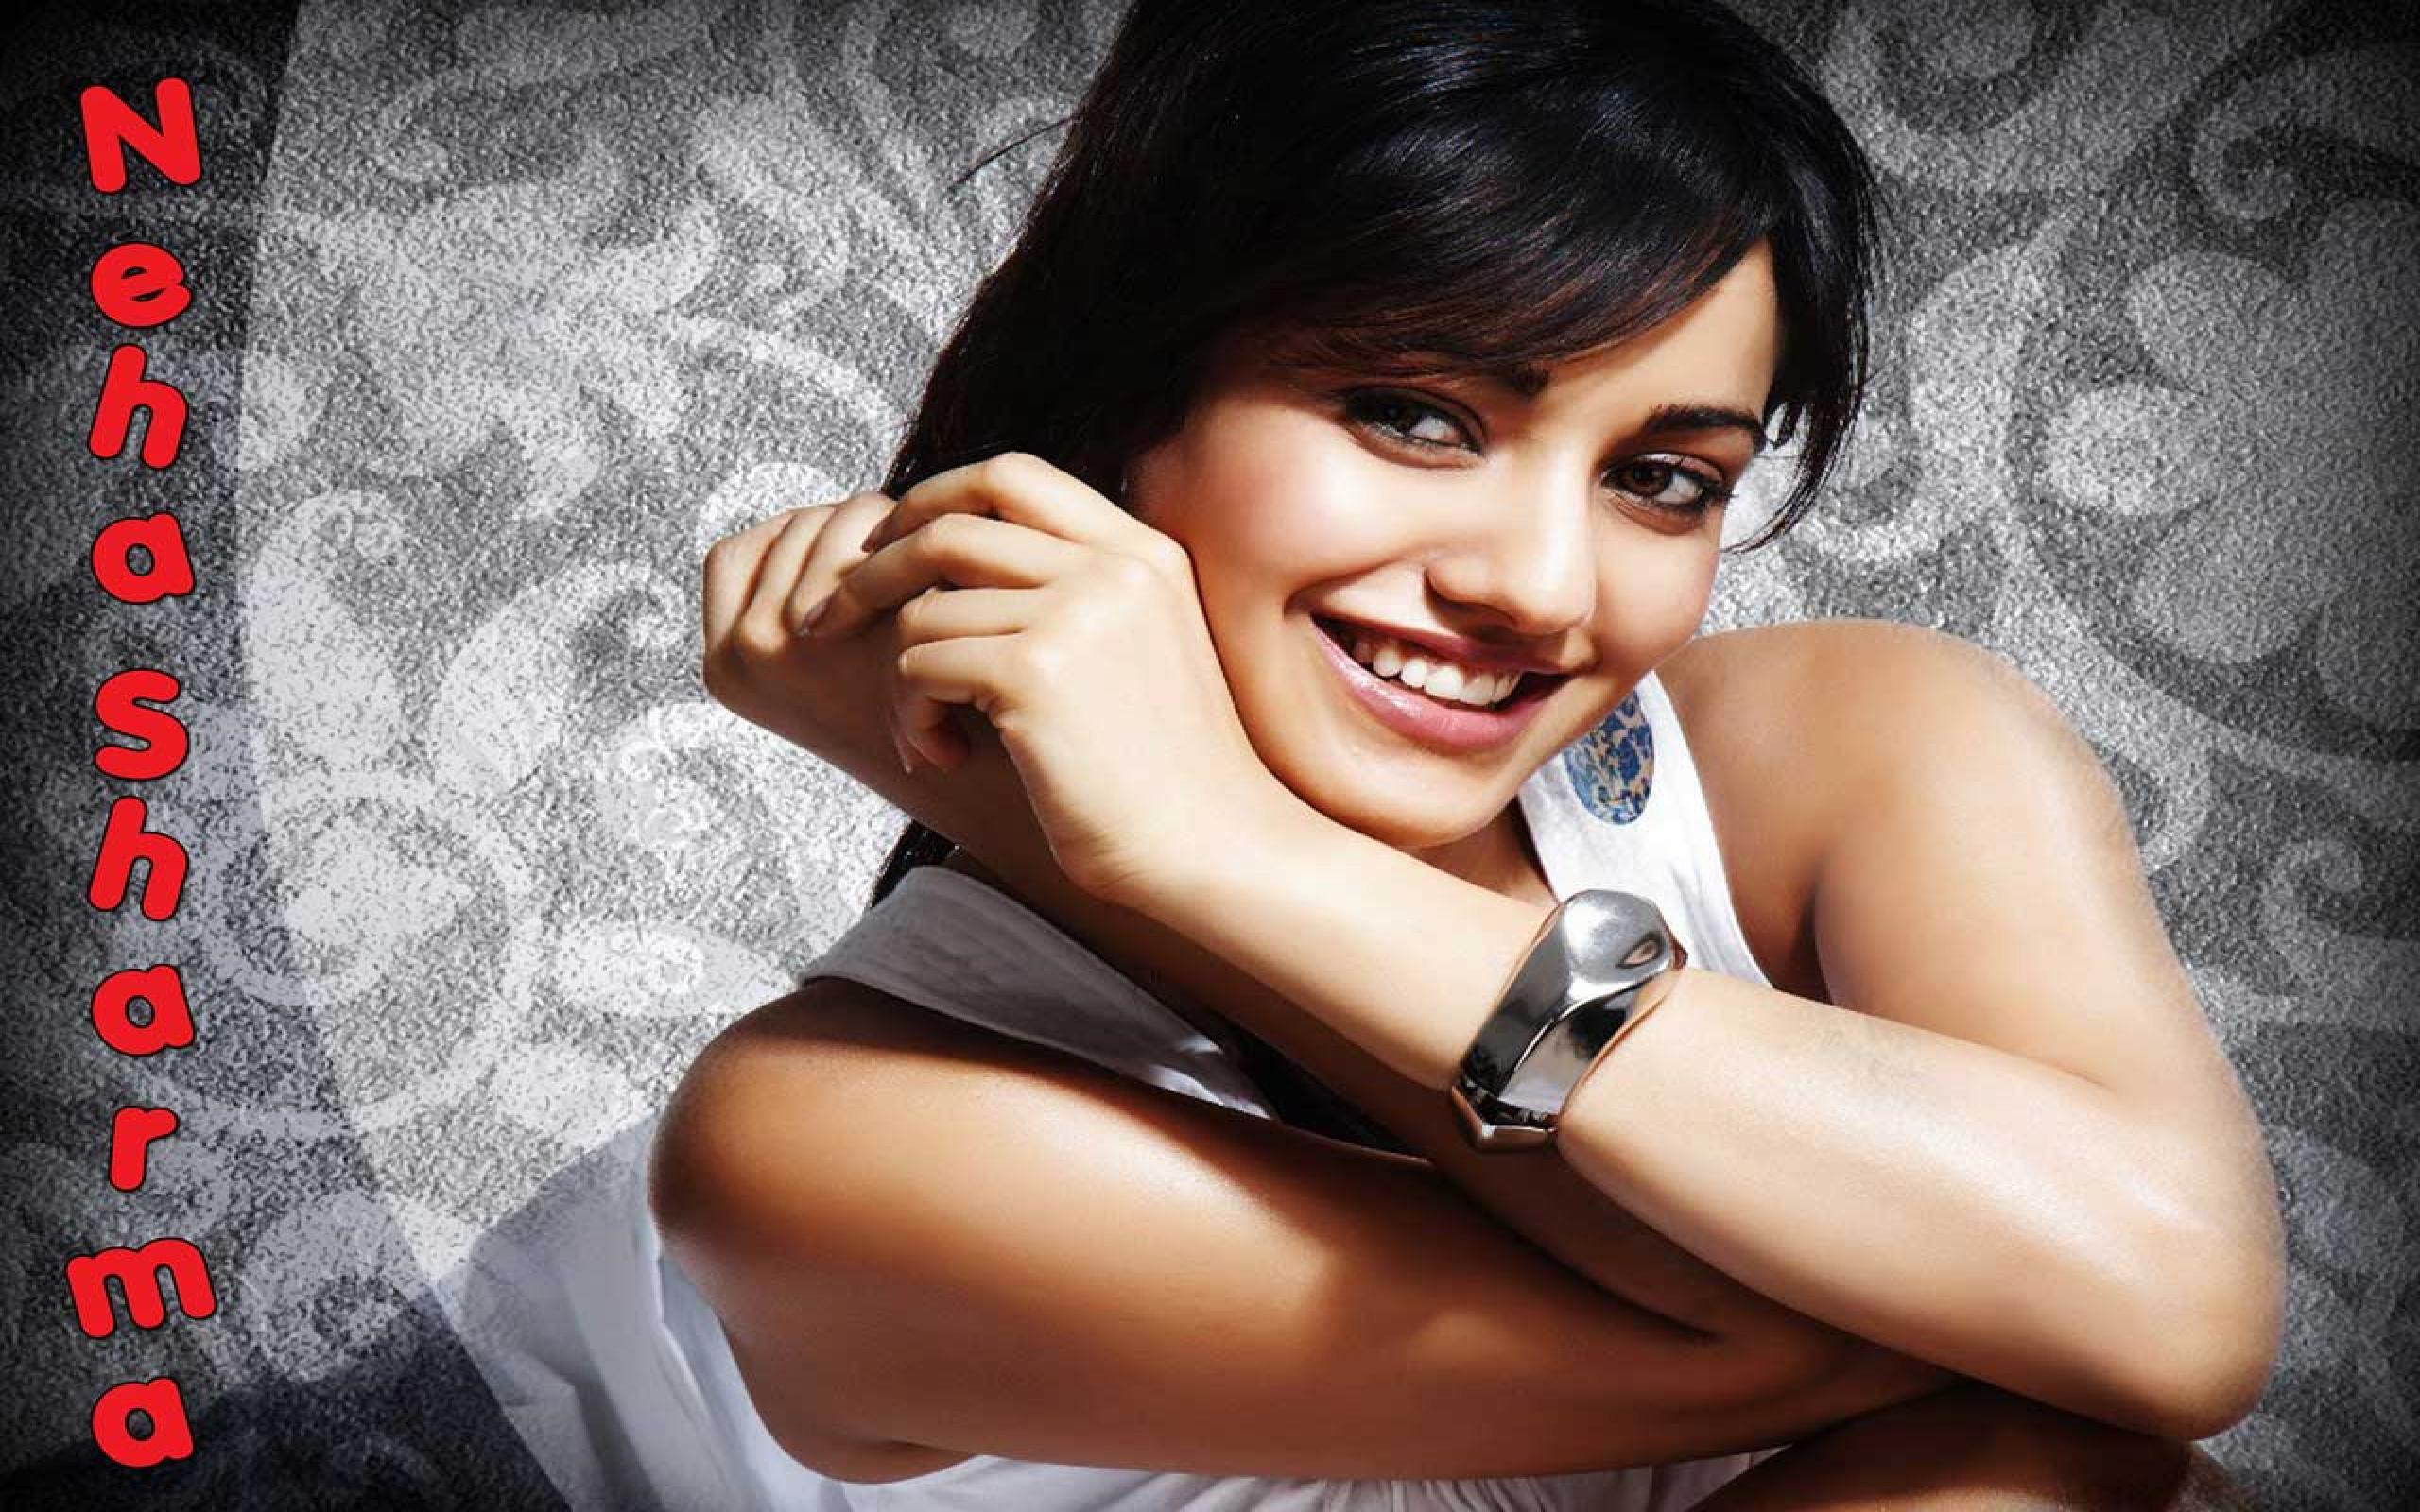 Hindi actress nidhi subbaiah unseen pictures